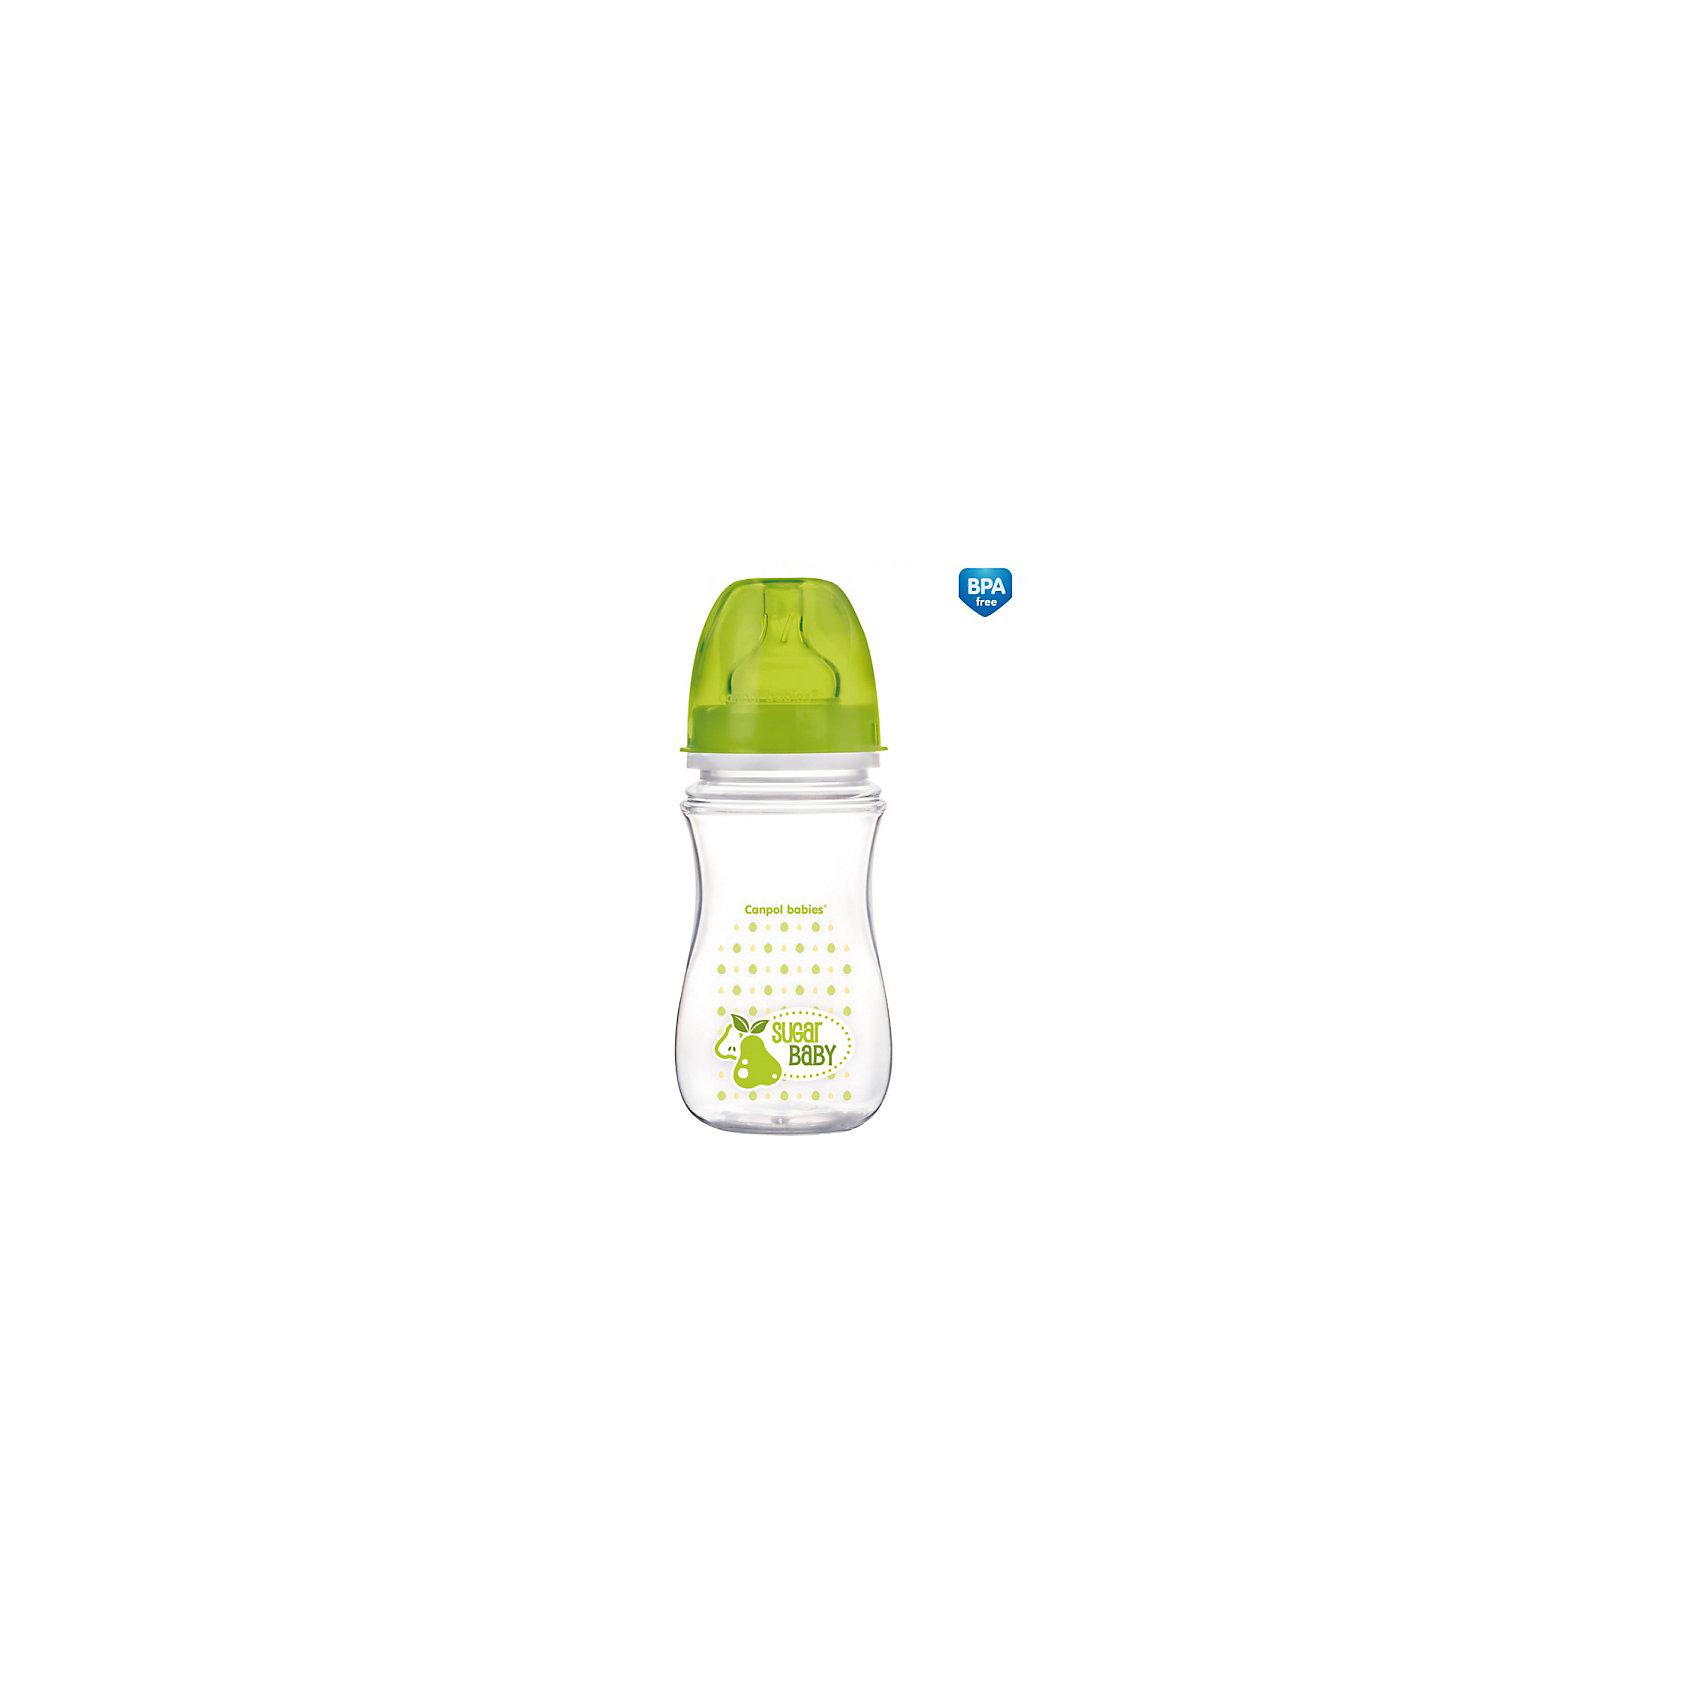 Антиколиковая бутылочка коллекция Фрукты, 240 мл, Canpol Babies, зеленый